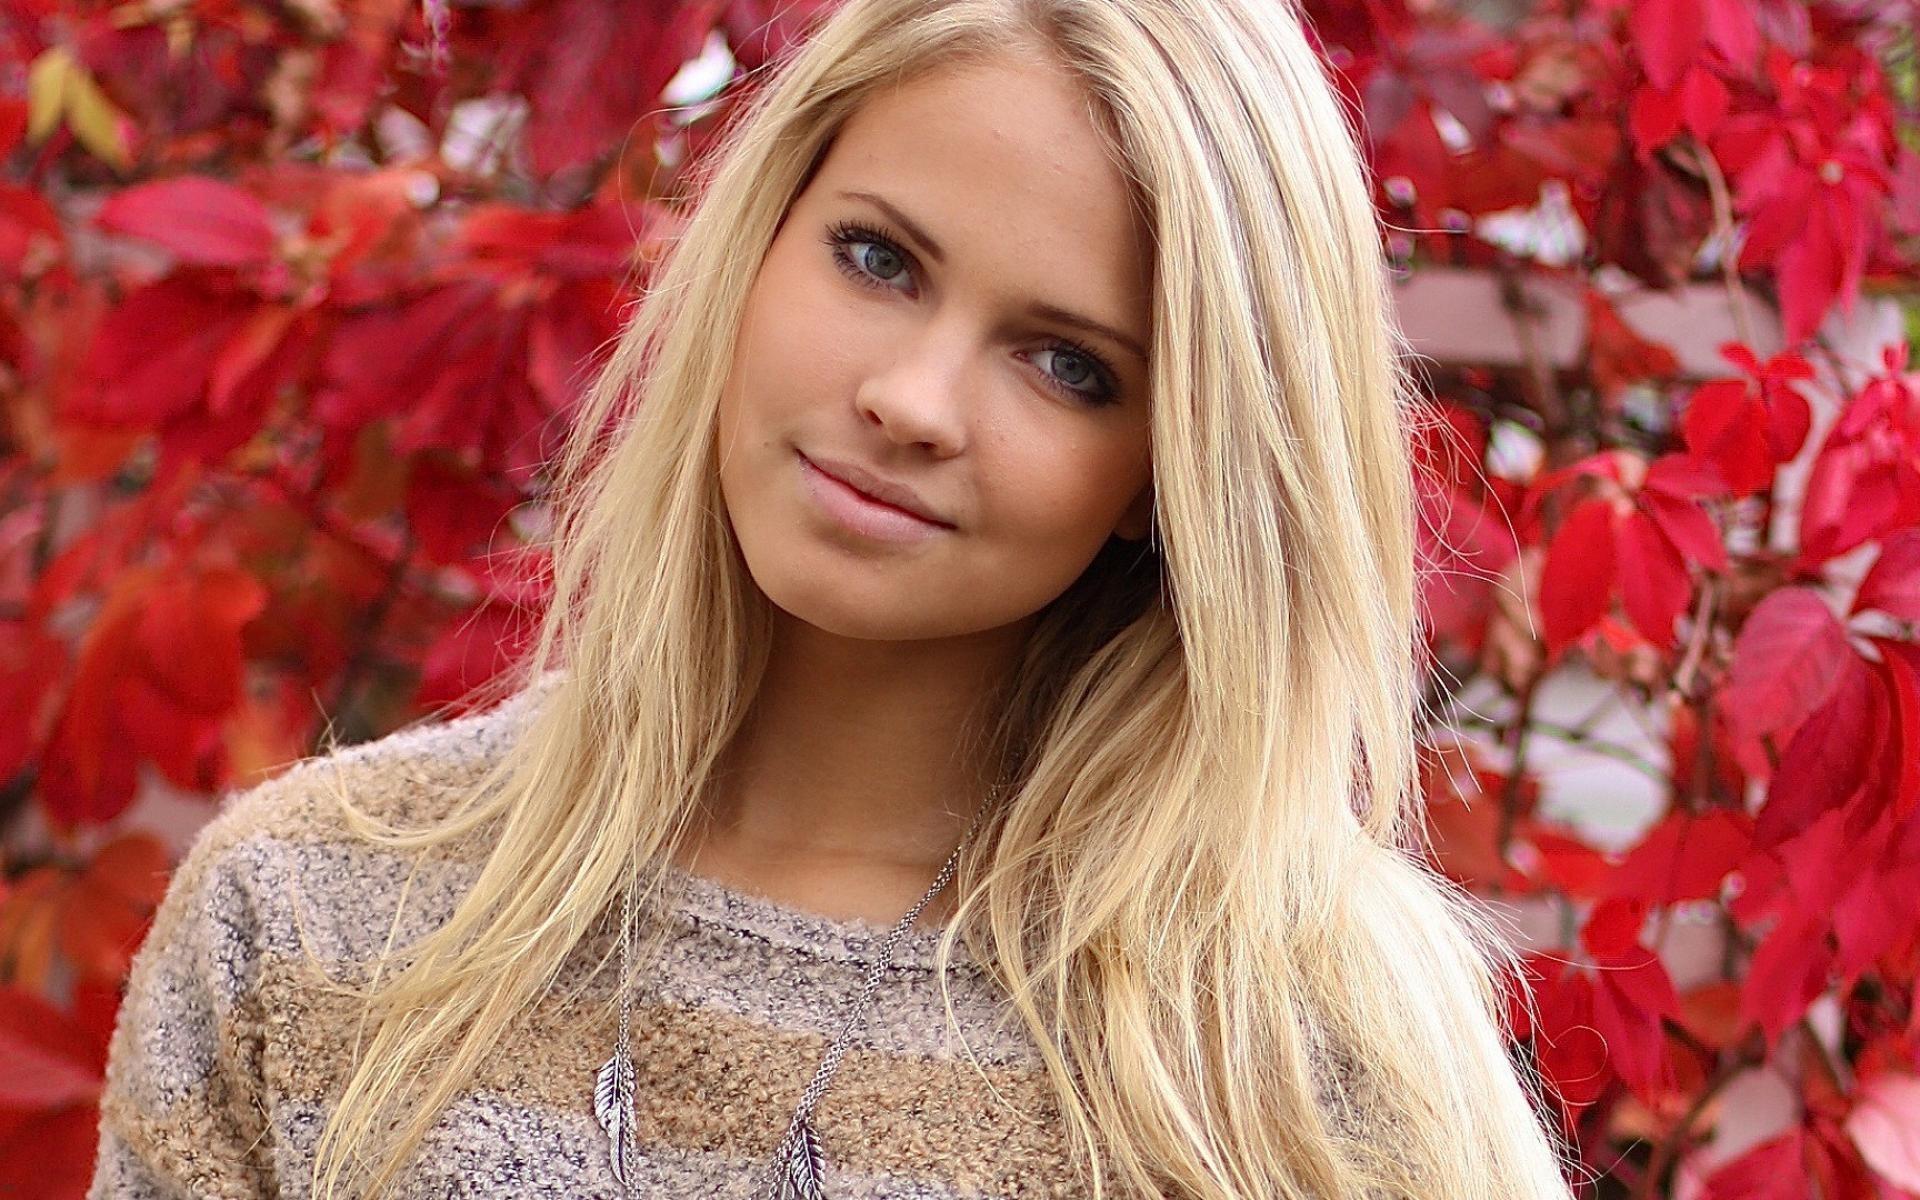 Фото красивой молодой девушке на аву